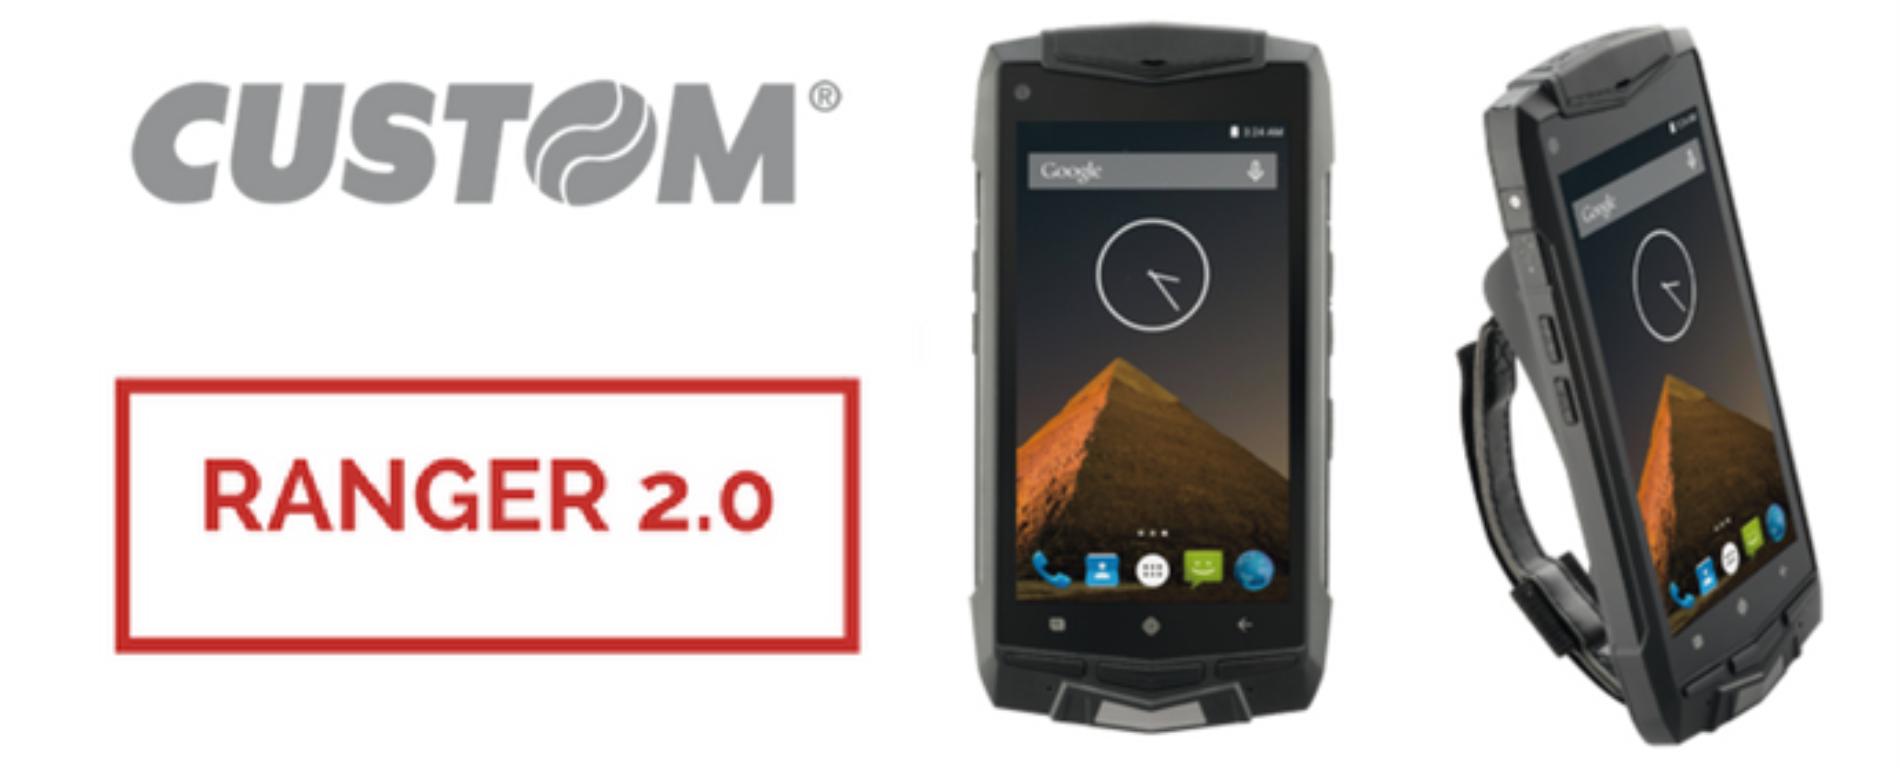 """Ranger 2.0, lo smartphone """"custom made"""" per il Vending"""